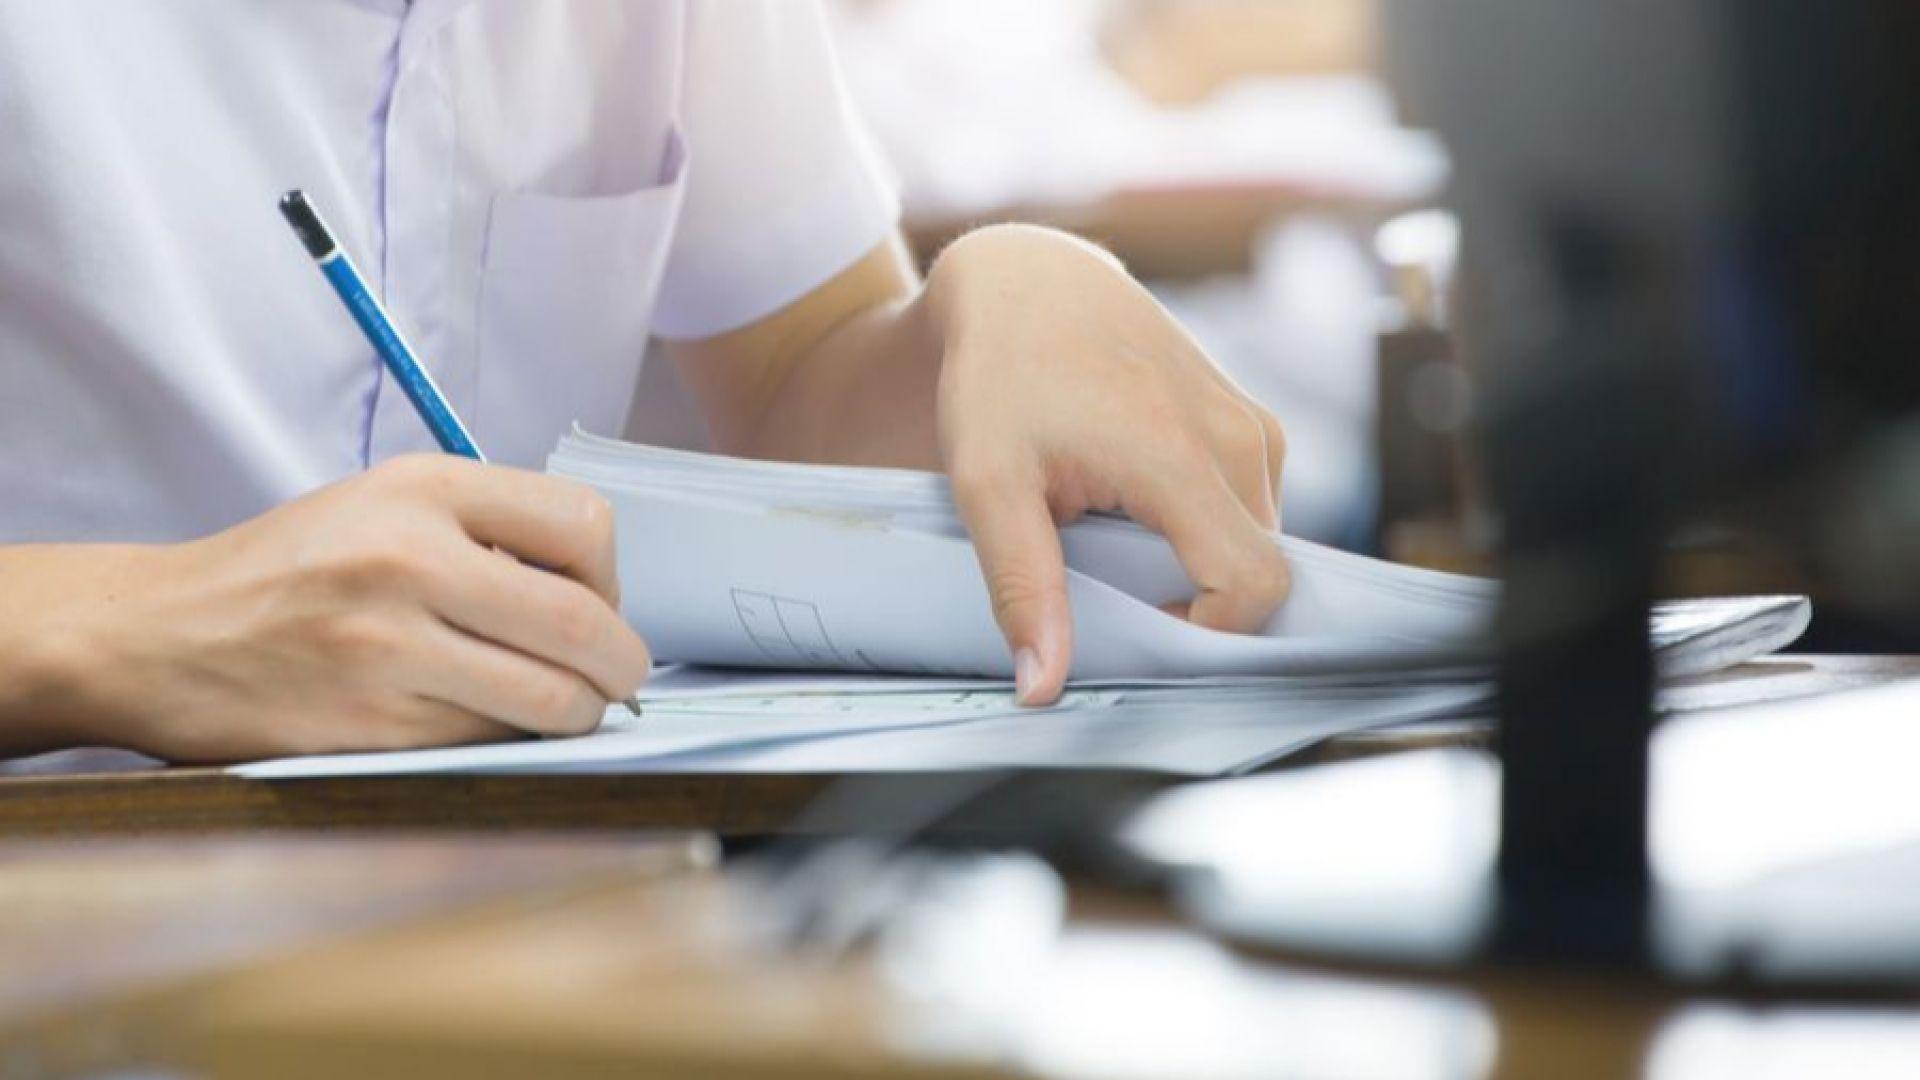 91-ва Немска езикова гимназия в София е с най-висок успех на матурата по БЕЛ